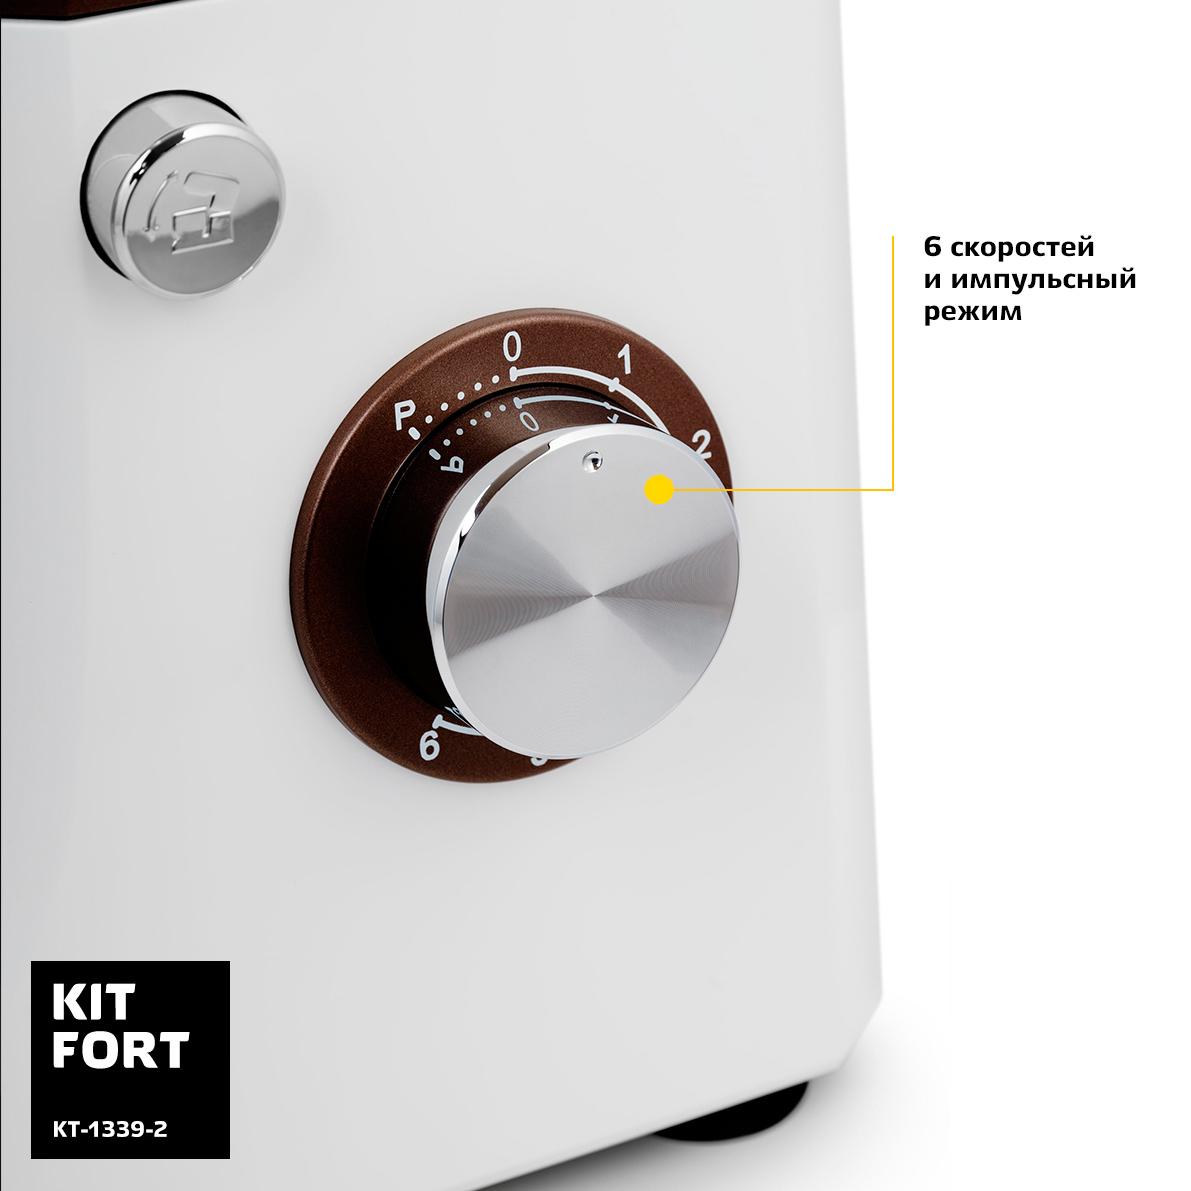 Миксер планетарный Kitfort КТ-1339-2, цвет белый коричневый Kitfort